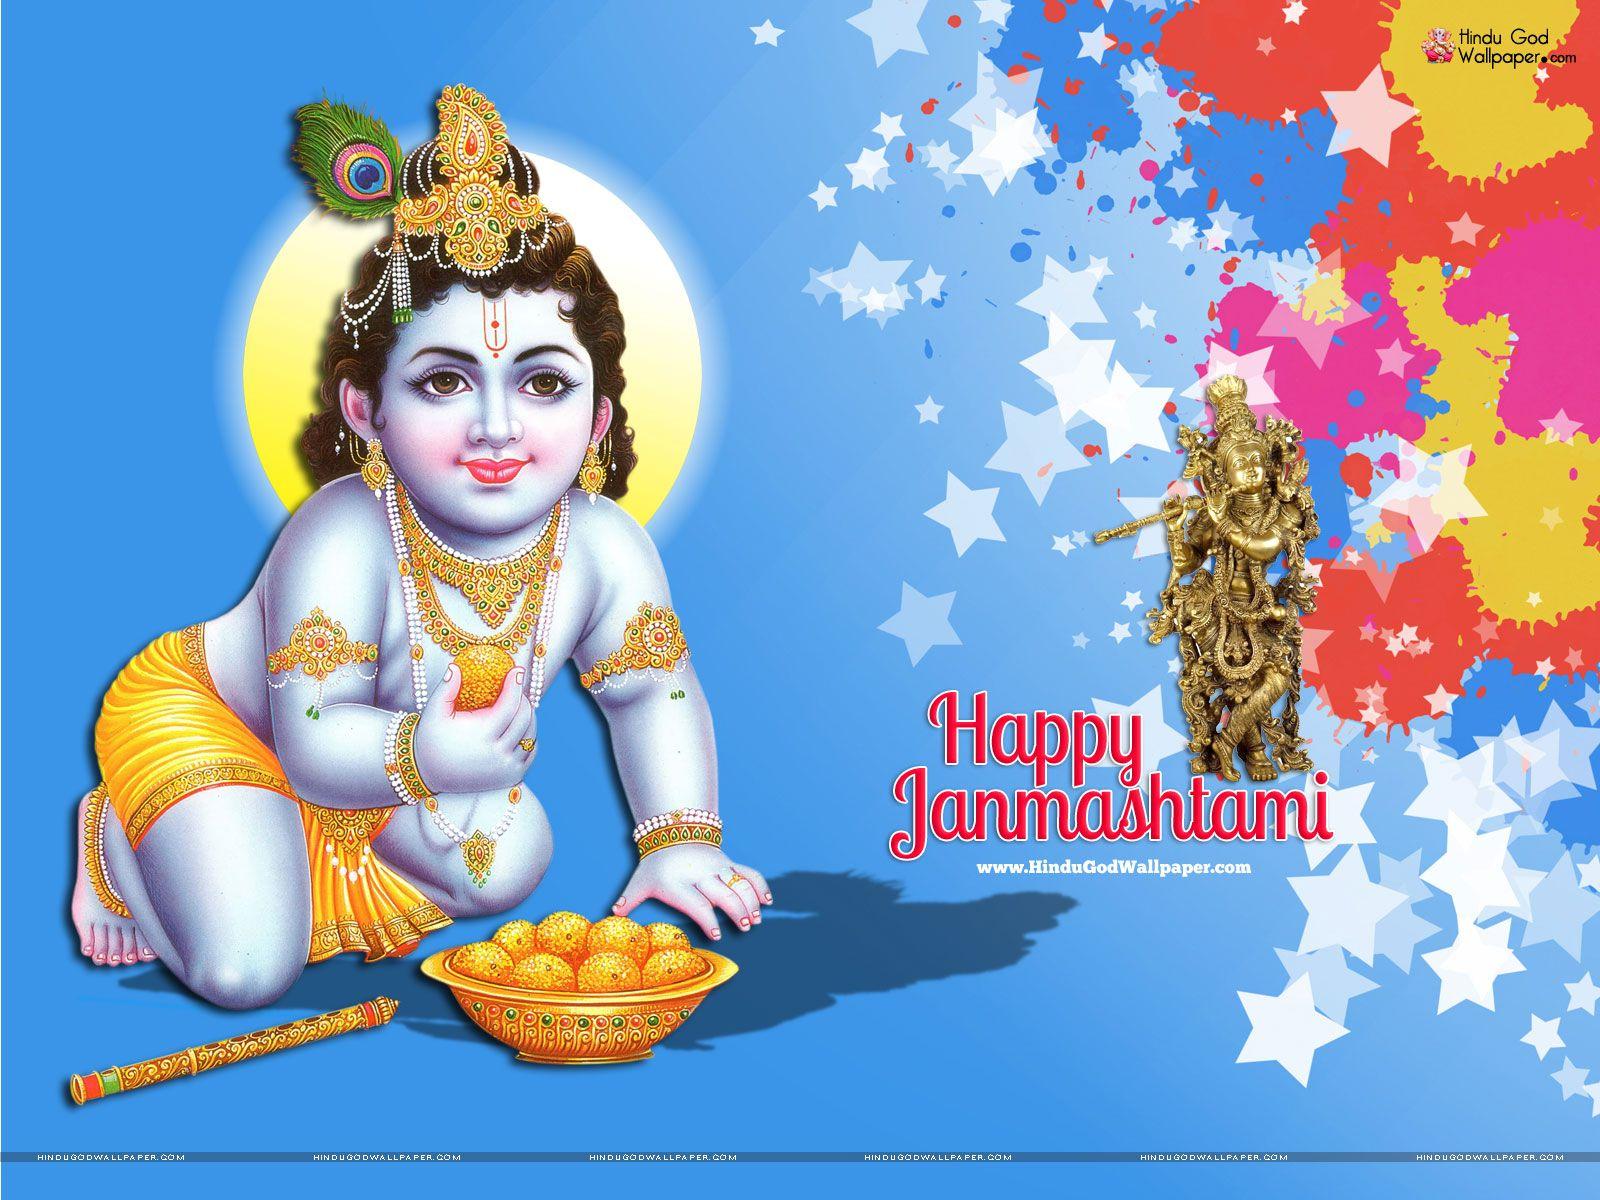 Wallpaper download janmashtami - Happy Janmashtami Wallpapers Images Free Download